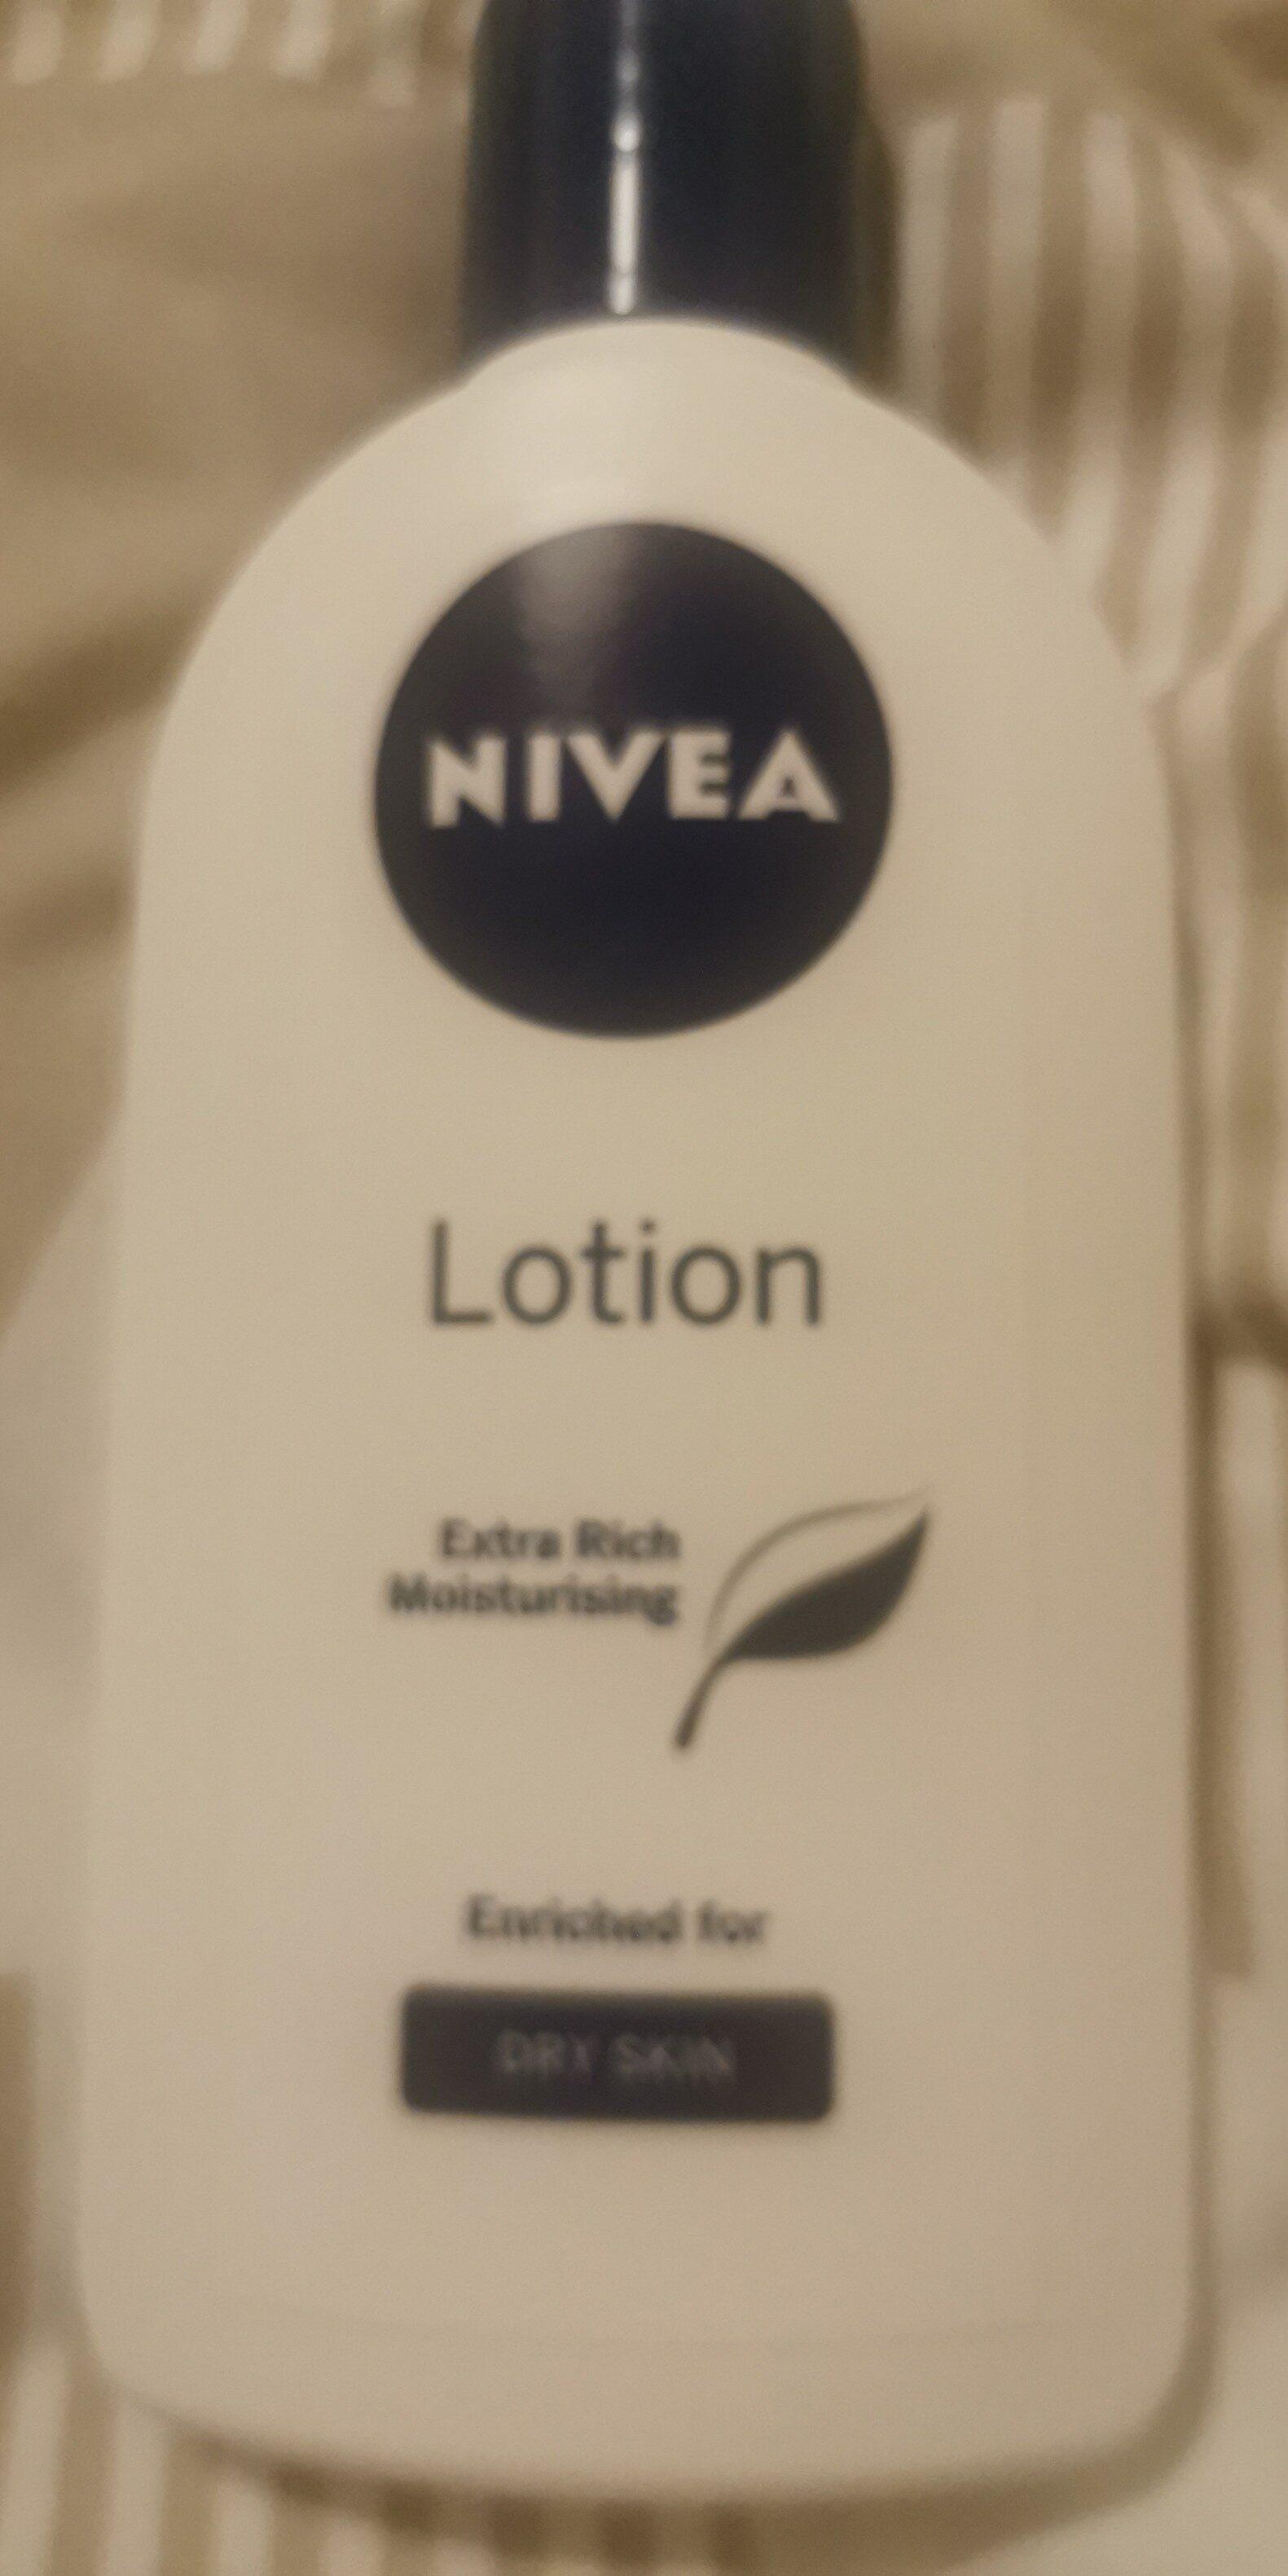 Nivea Lotion - Product - en